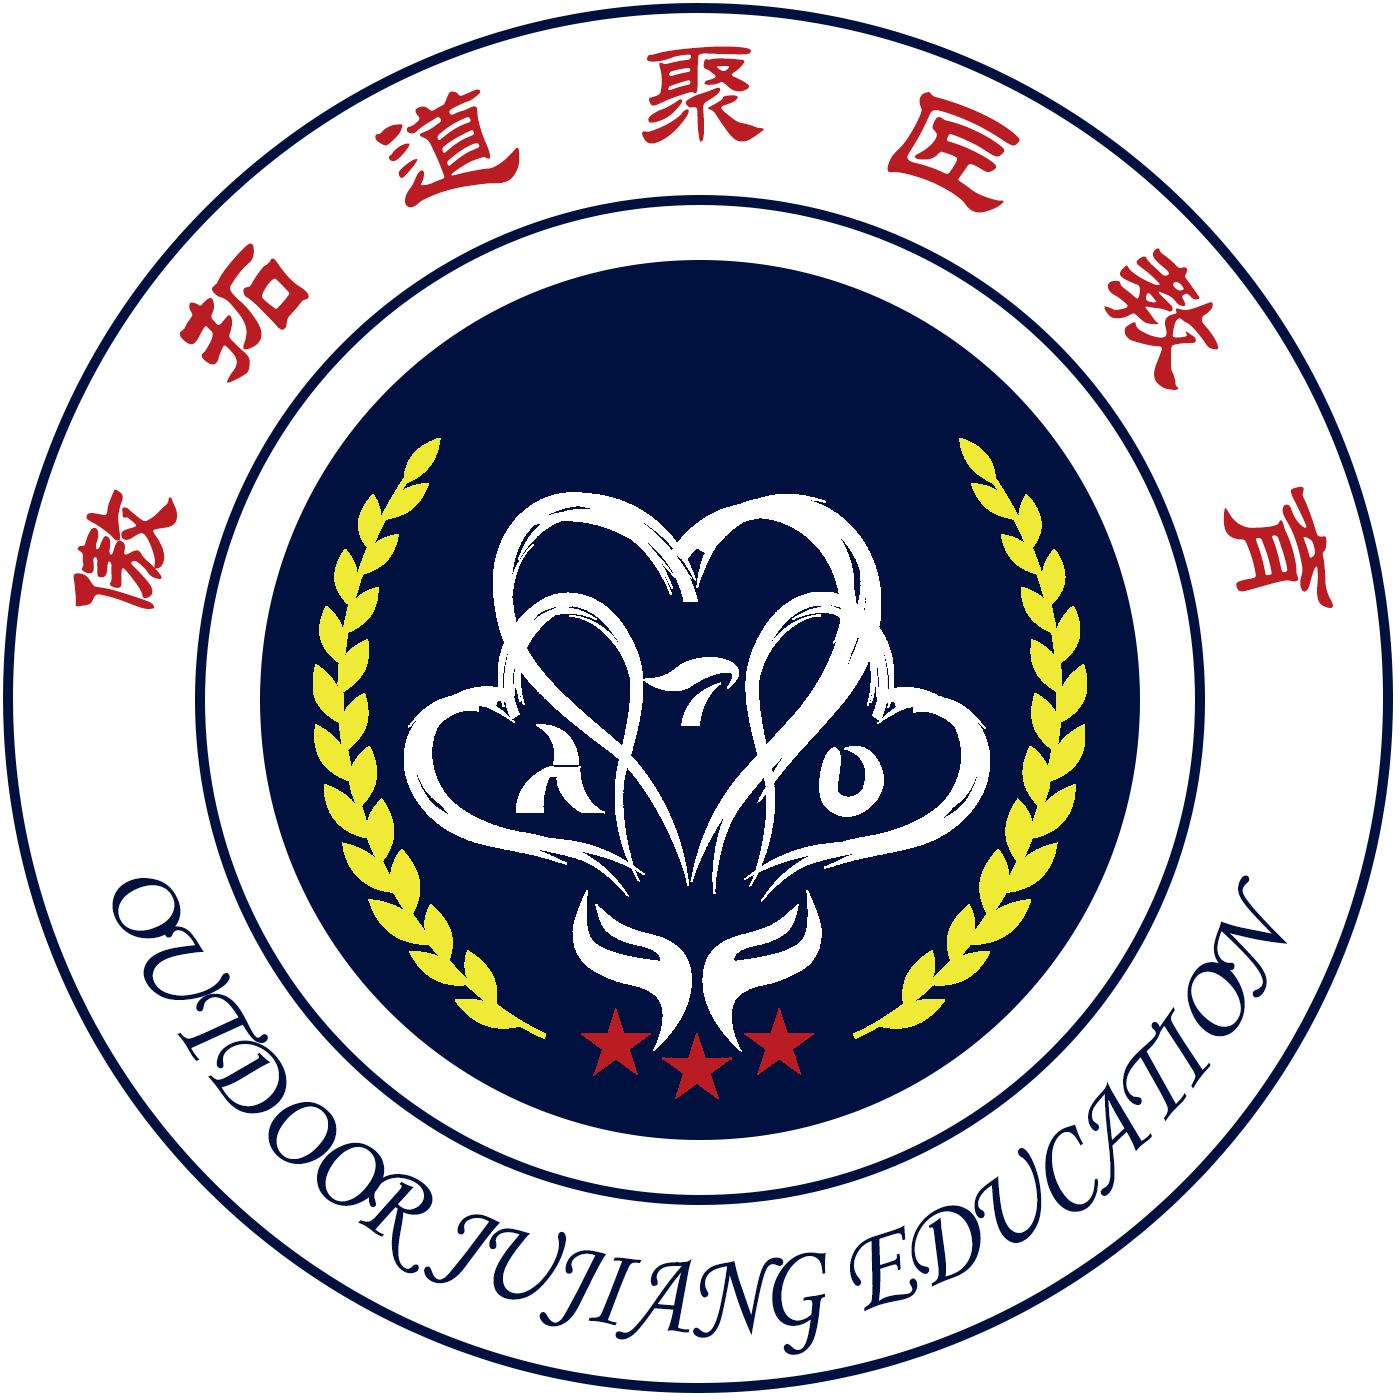 傲拓道聚匠教育科技(云南)有限公司